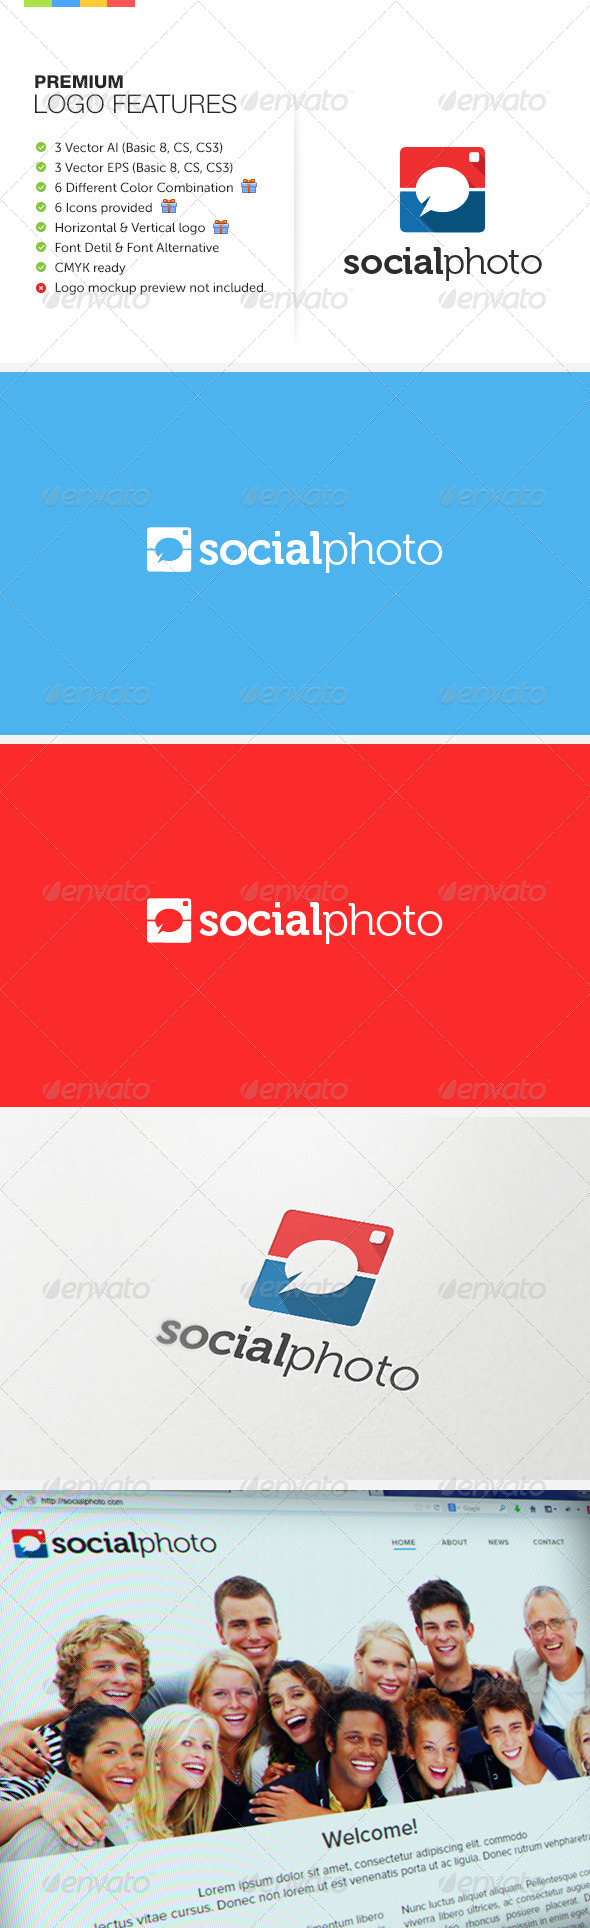 GraphicRiver Social Photo Logo 7155761